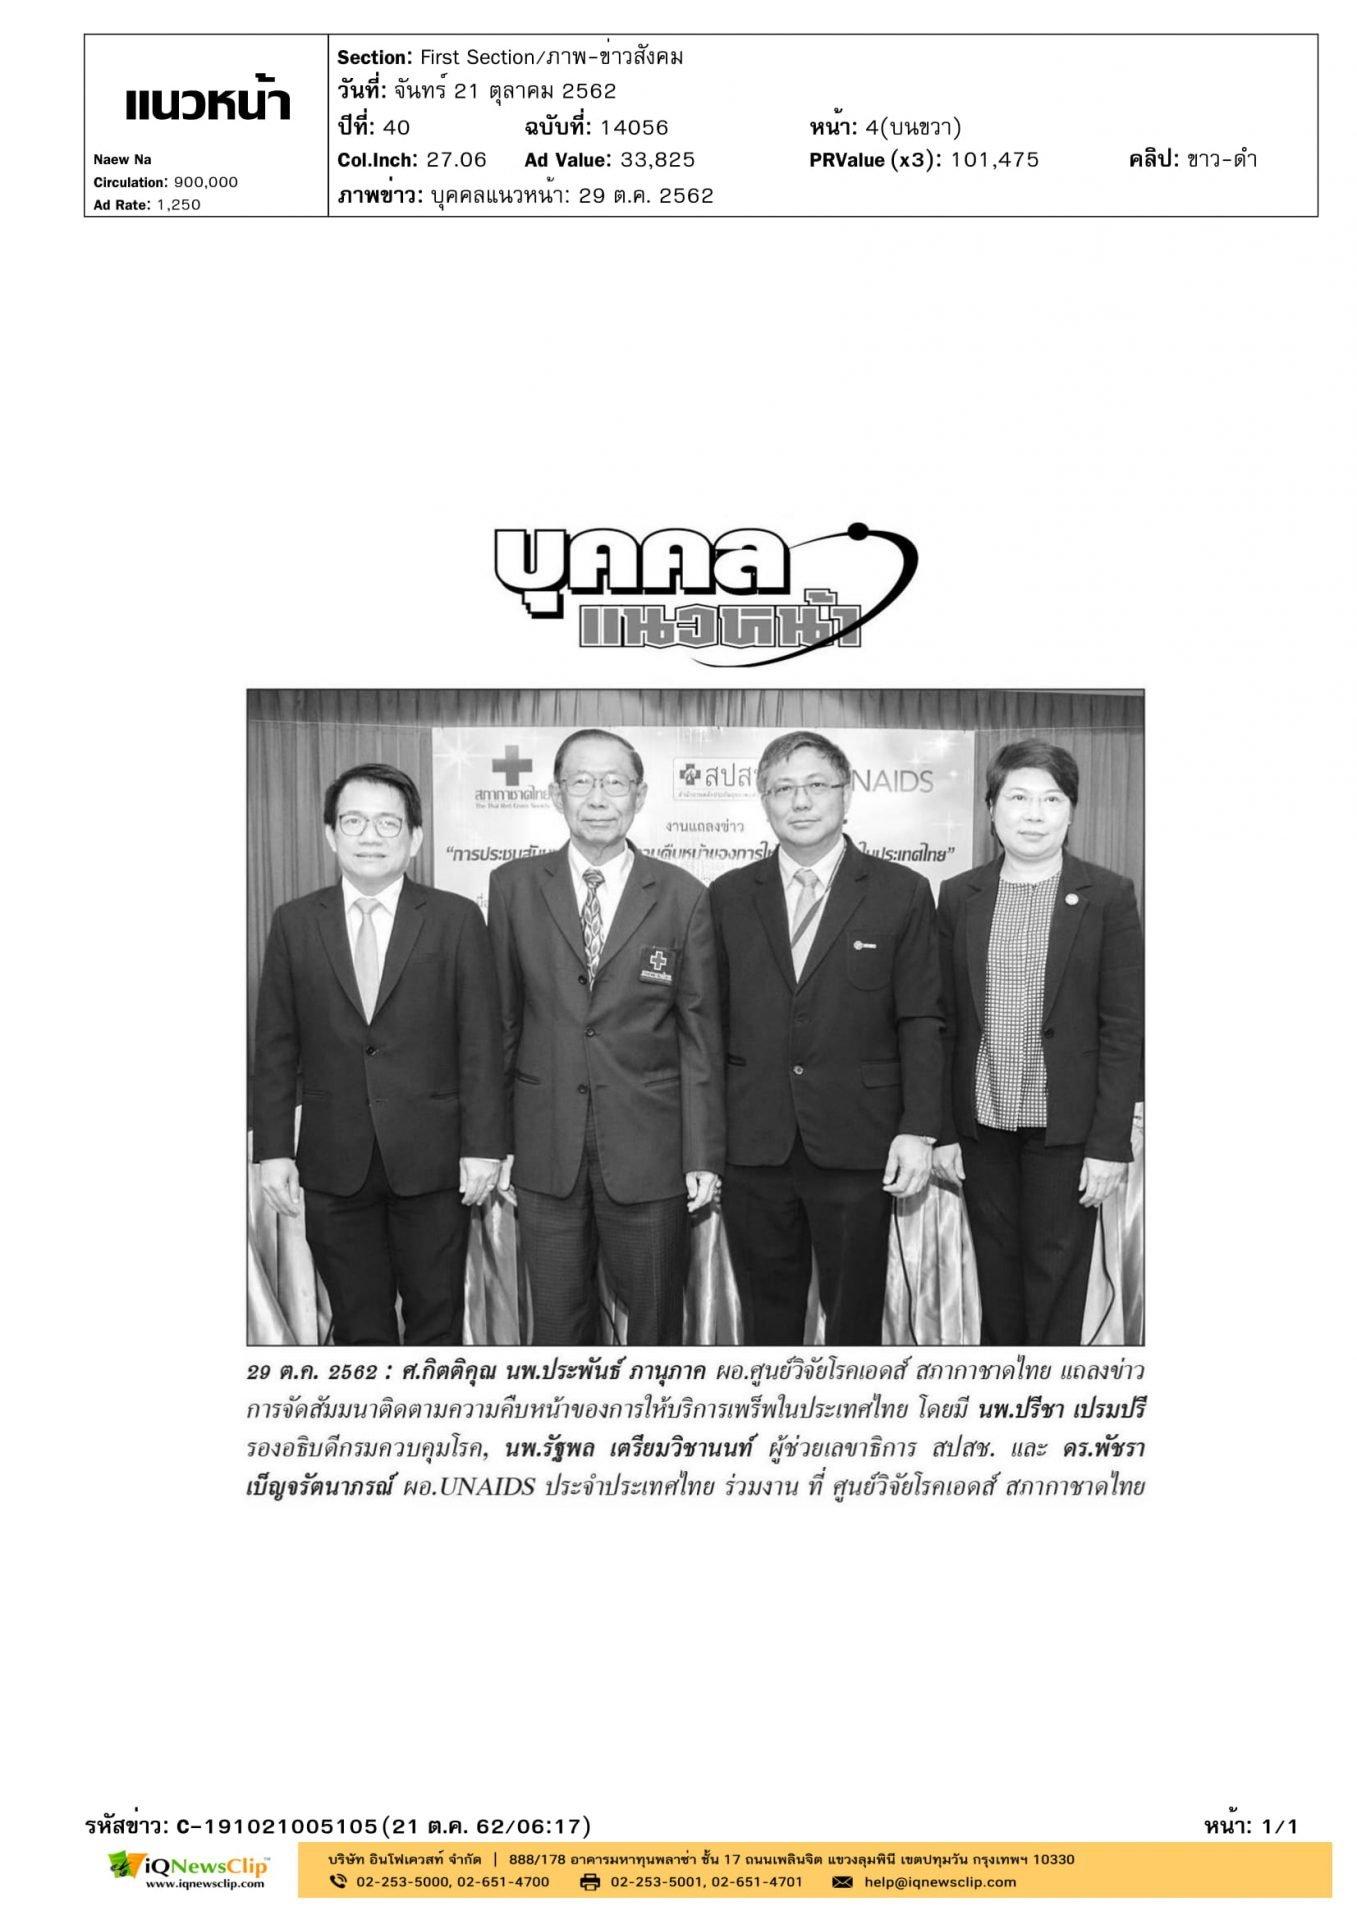 แถลงข่าวความคืบหน้าของการให้บริการเพร็พในประเทศไทย